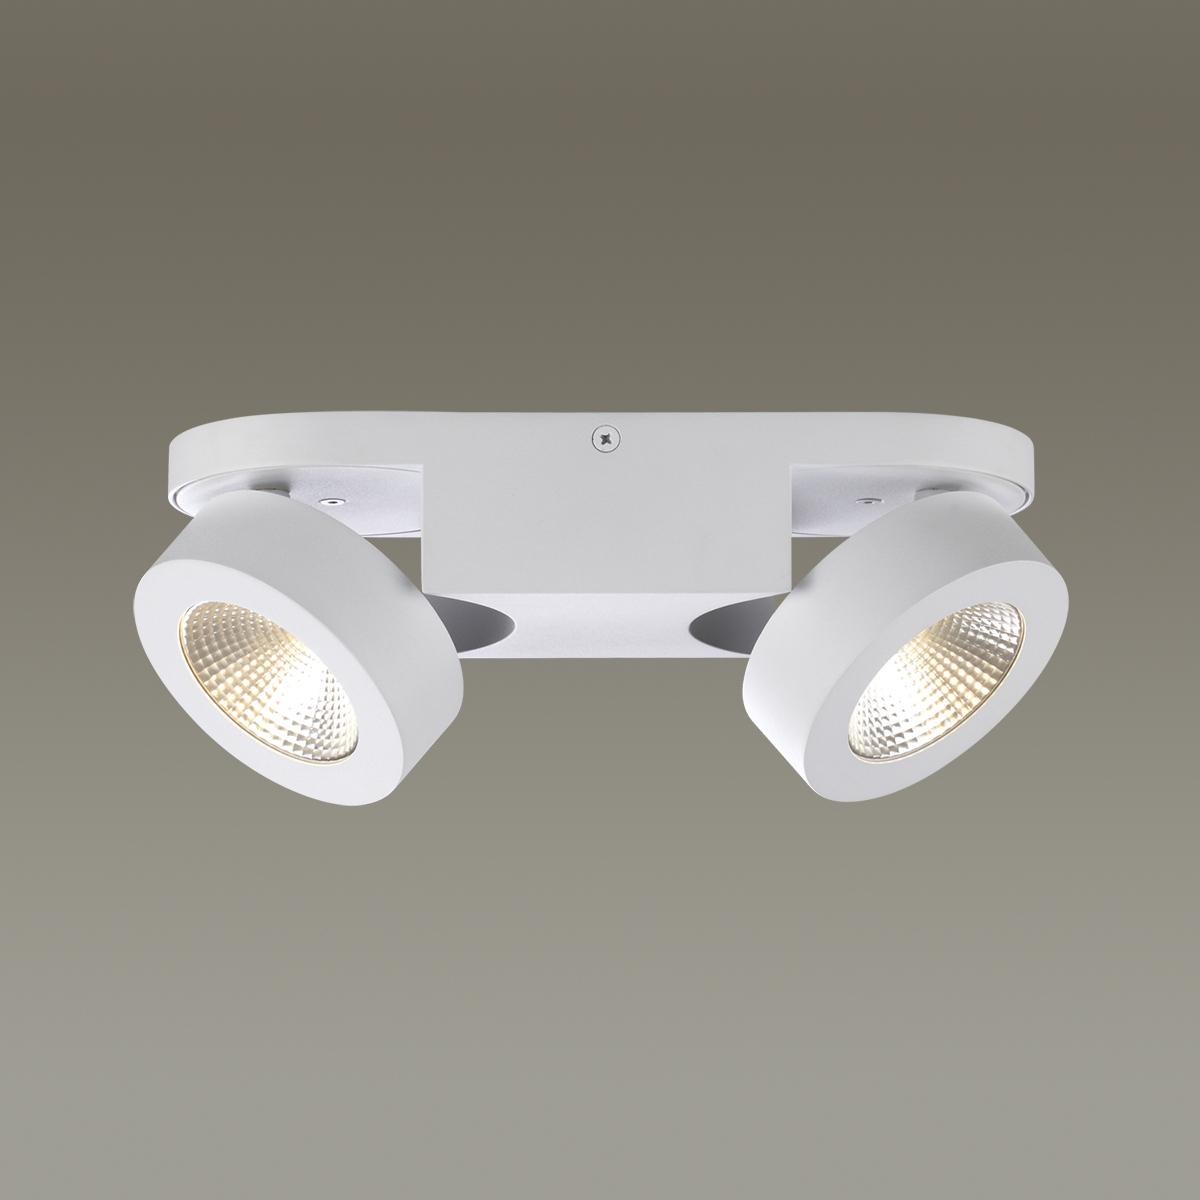 Потолочный светодиодный светильник с регулировкой направления света Odeon Light Laconis 3538/2WA, LED 20W, 3000K (теплый), белый, металл - фото 2